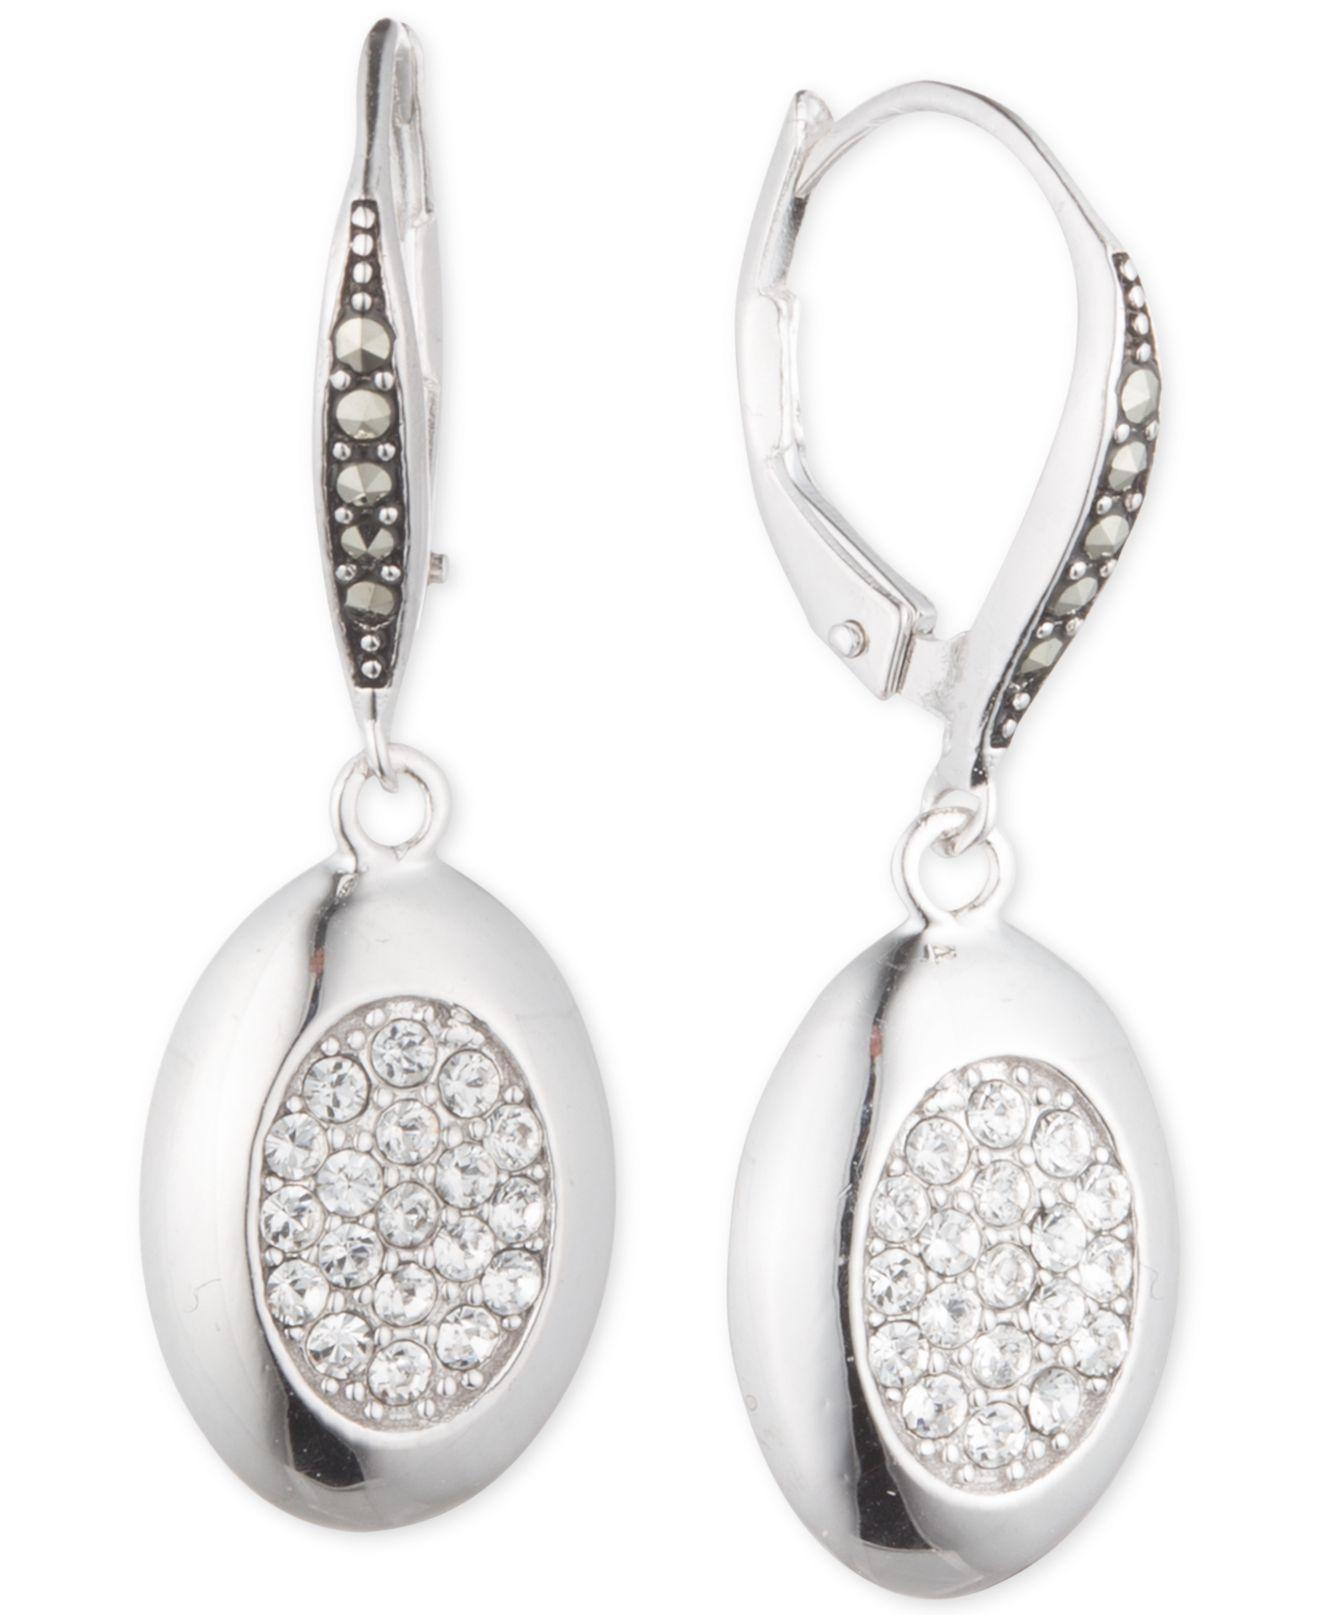 Silver & Swarovski marcasite interlinked hoop stud earrings idV2ndH2J5